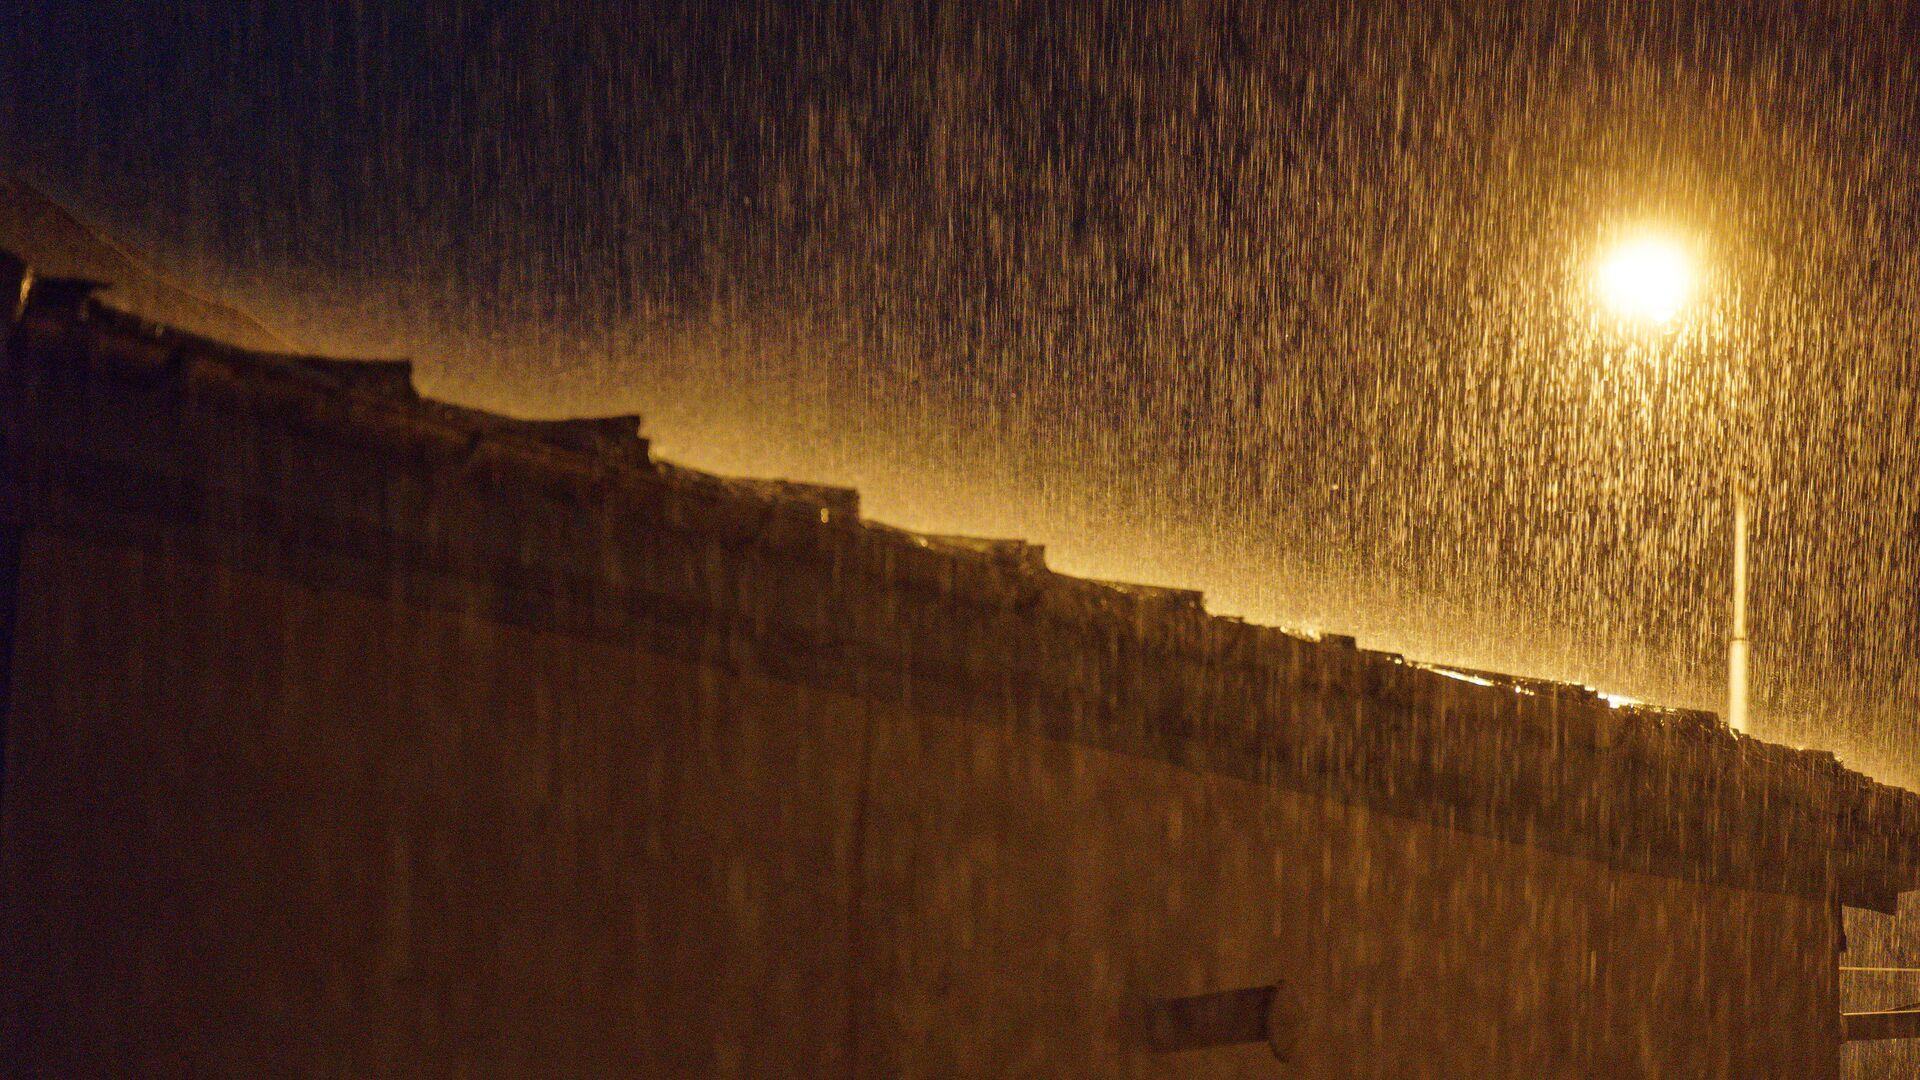 Сильный дождь. Струи воды в свете уличного фонаря - Sputnik Грузия, 1920, 10.09.2021